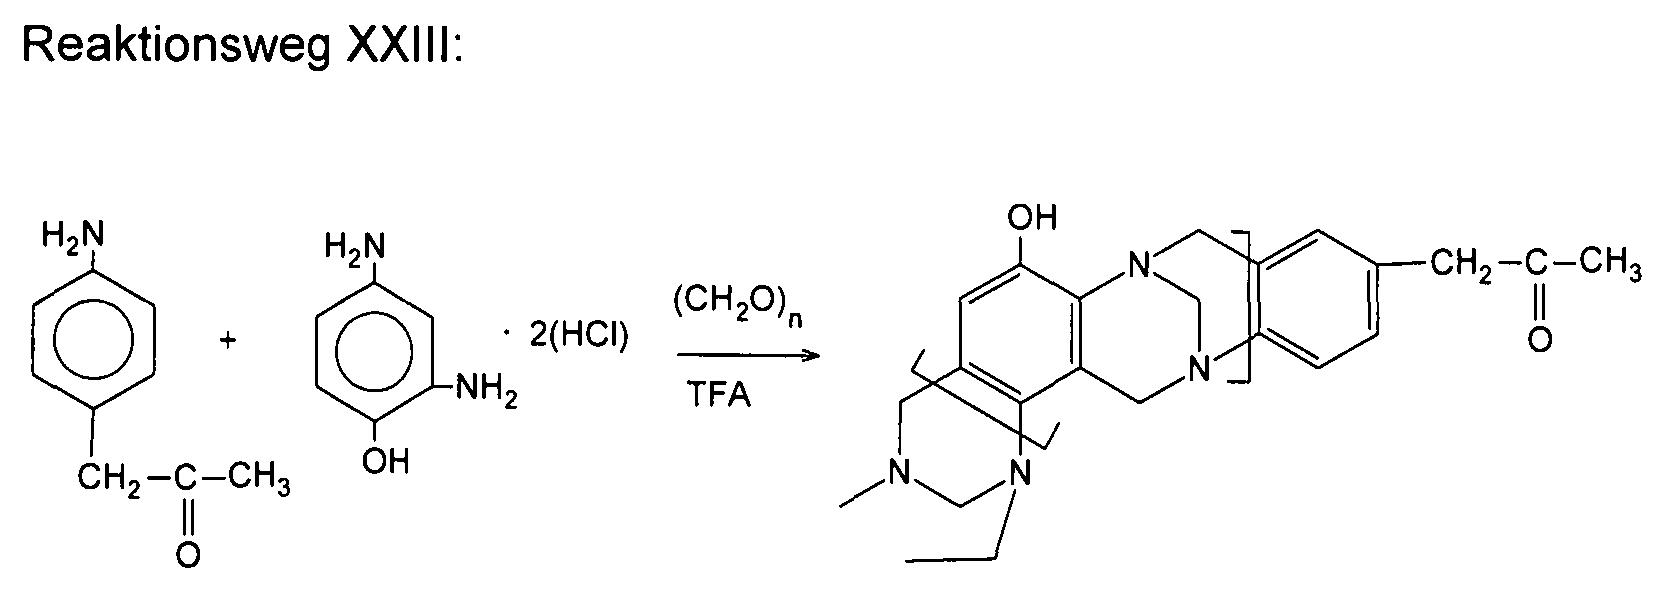 Figure DE112016005378T5_0058